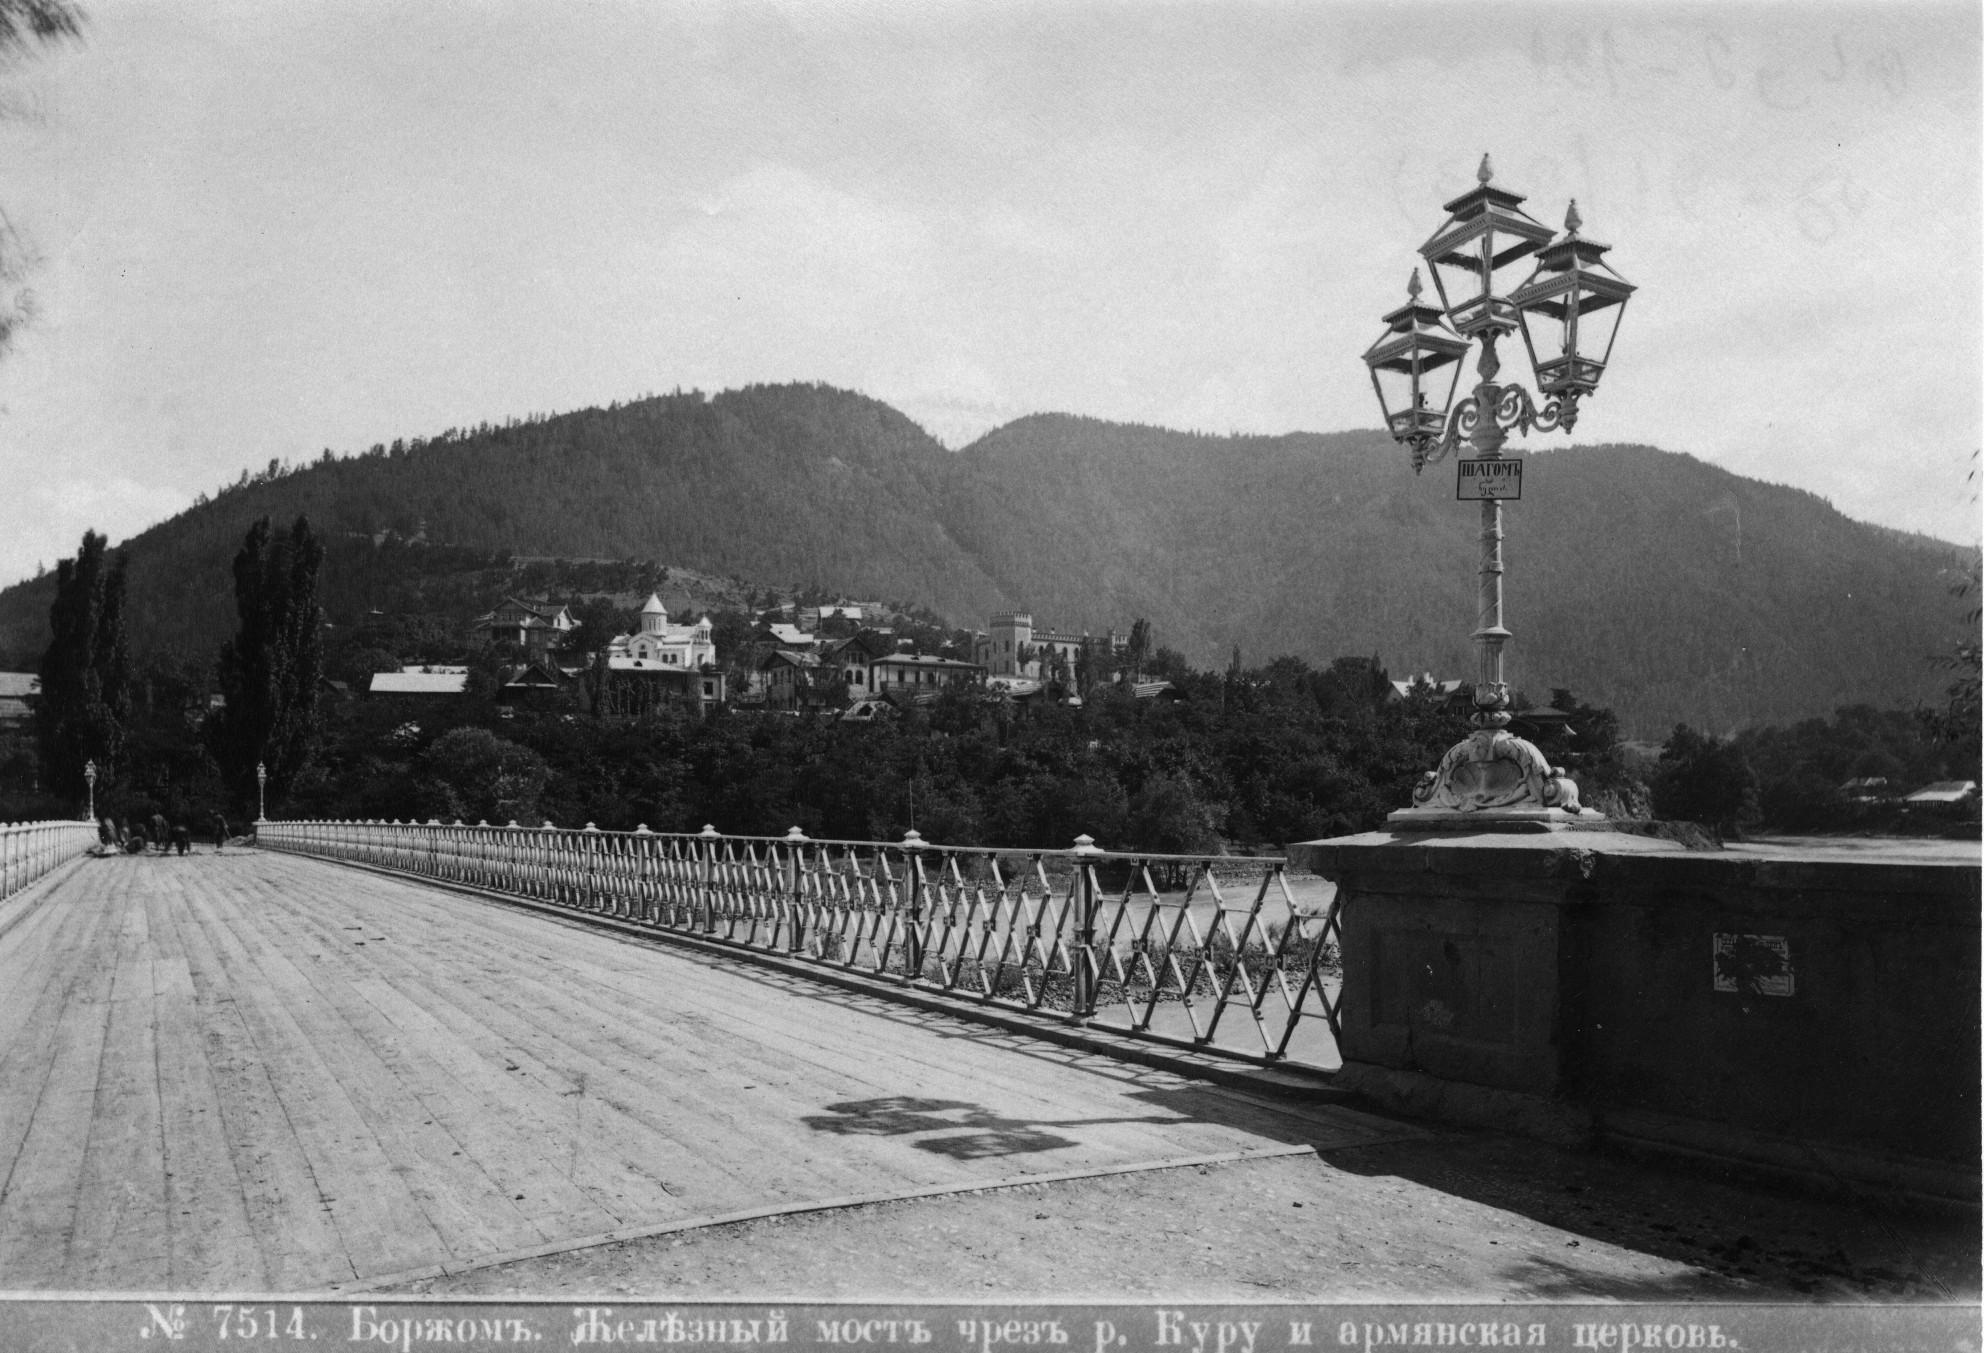 Железный мост через Куру и армянская церковь